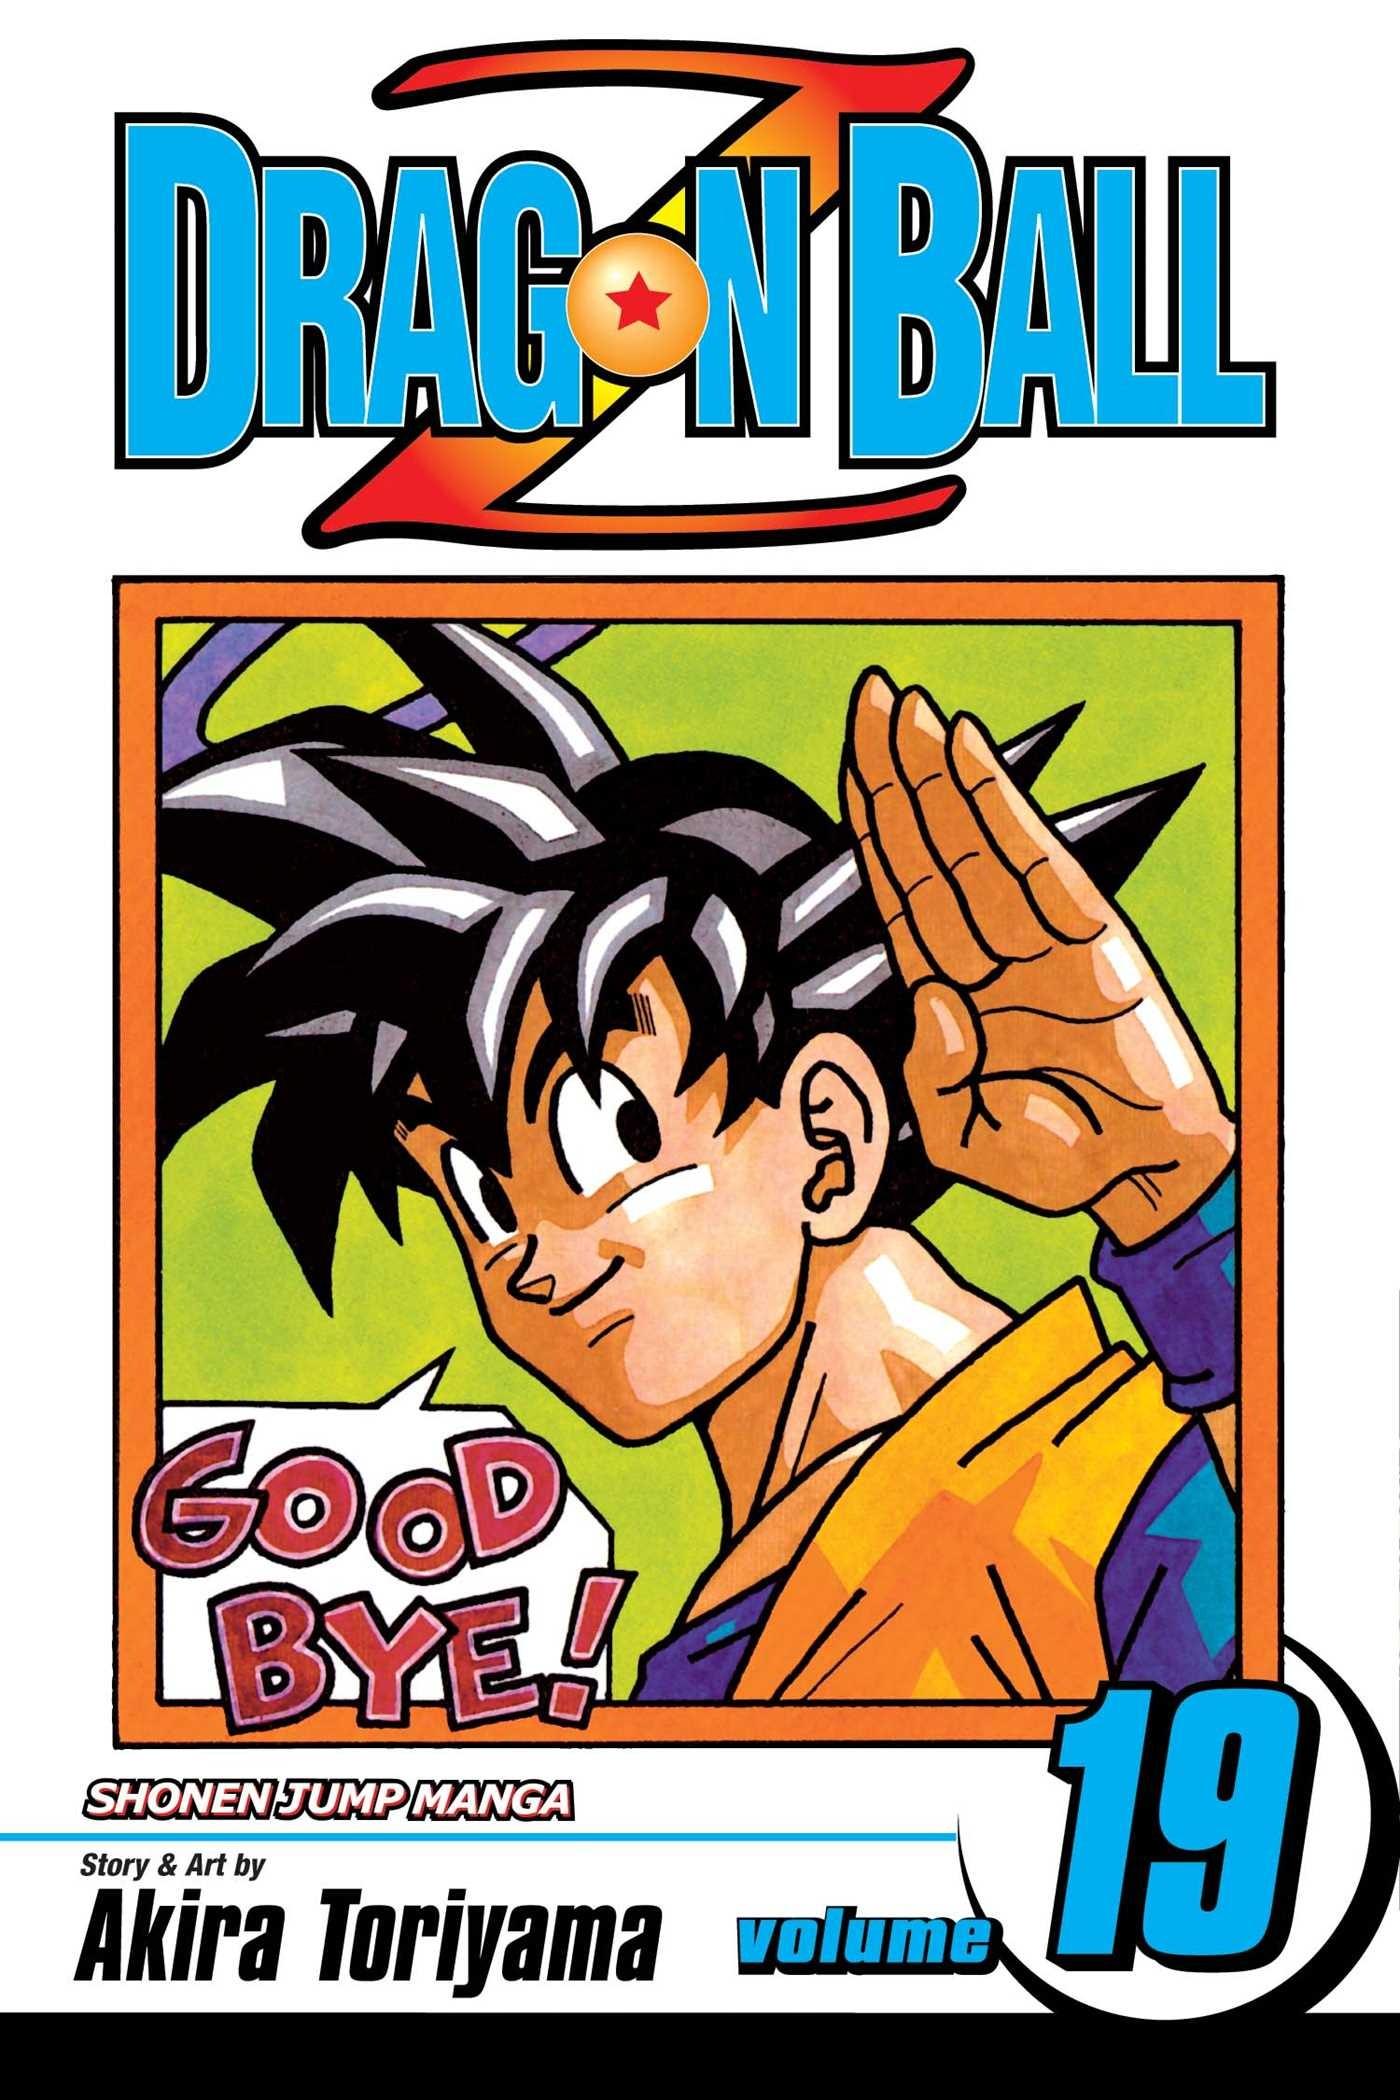 Dragon Ball Z, Vol. 19 by Akira Toriyama